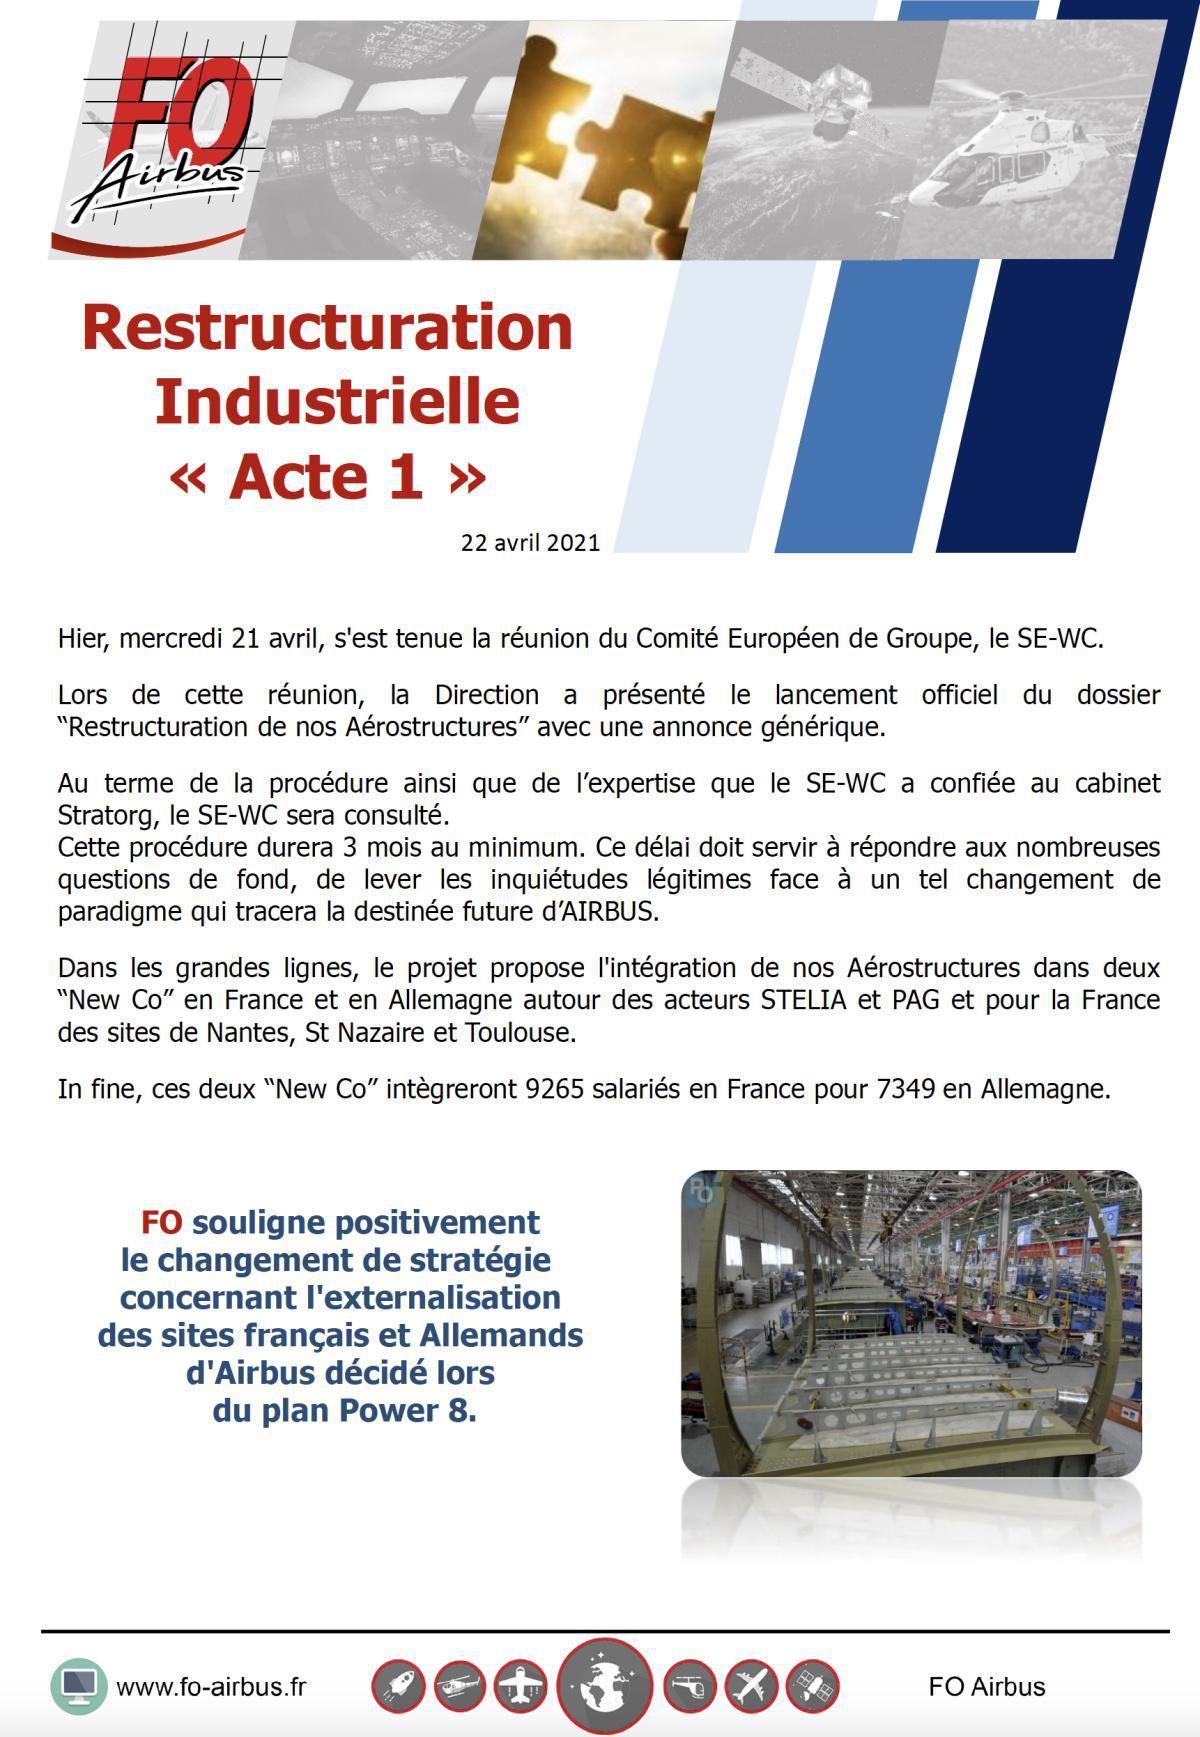 Restructuration industrielle : Acte I